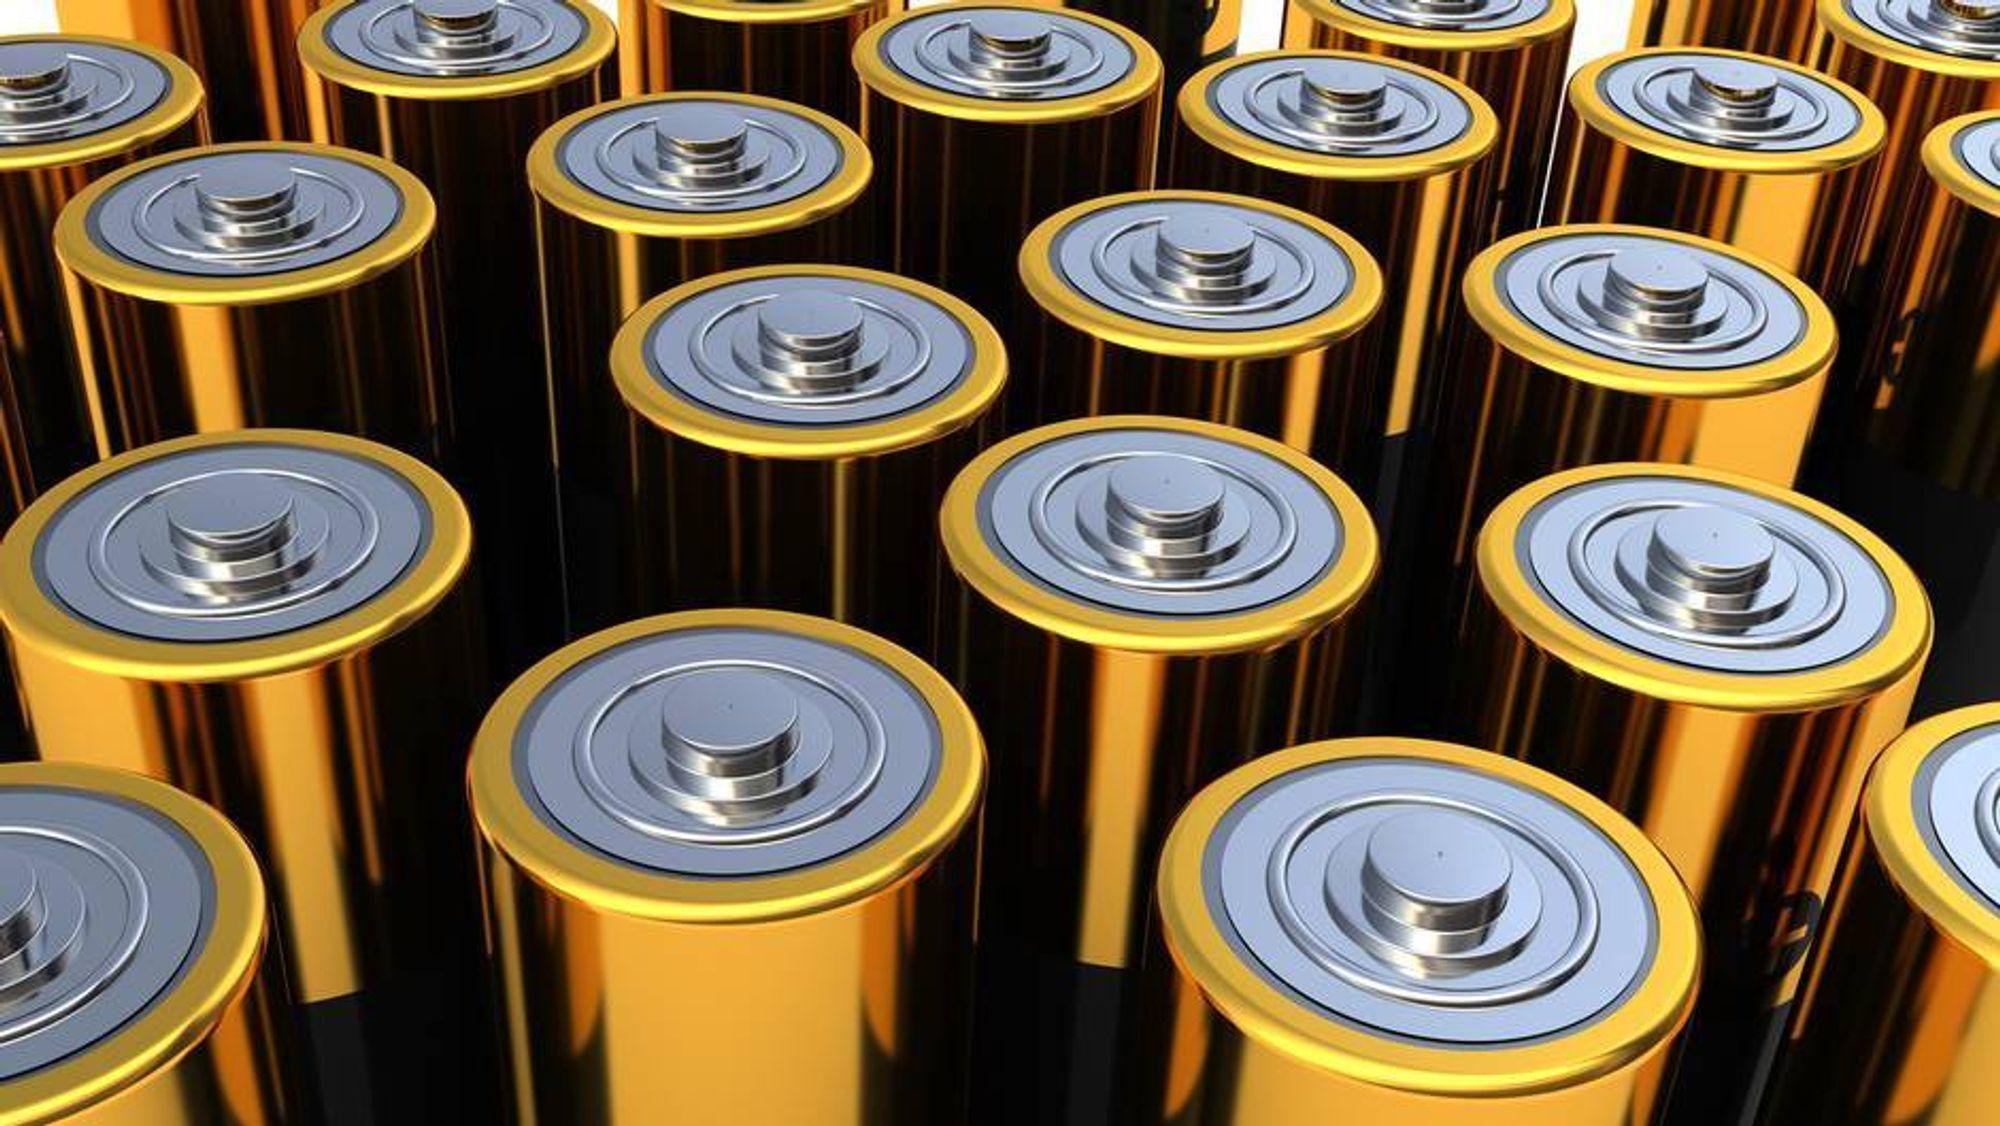 Hvordan gjør man batteriene billigere og bedre?